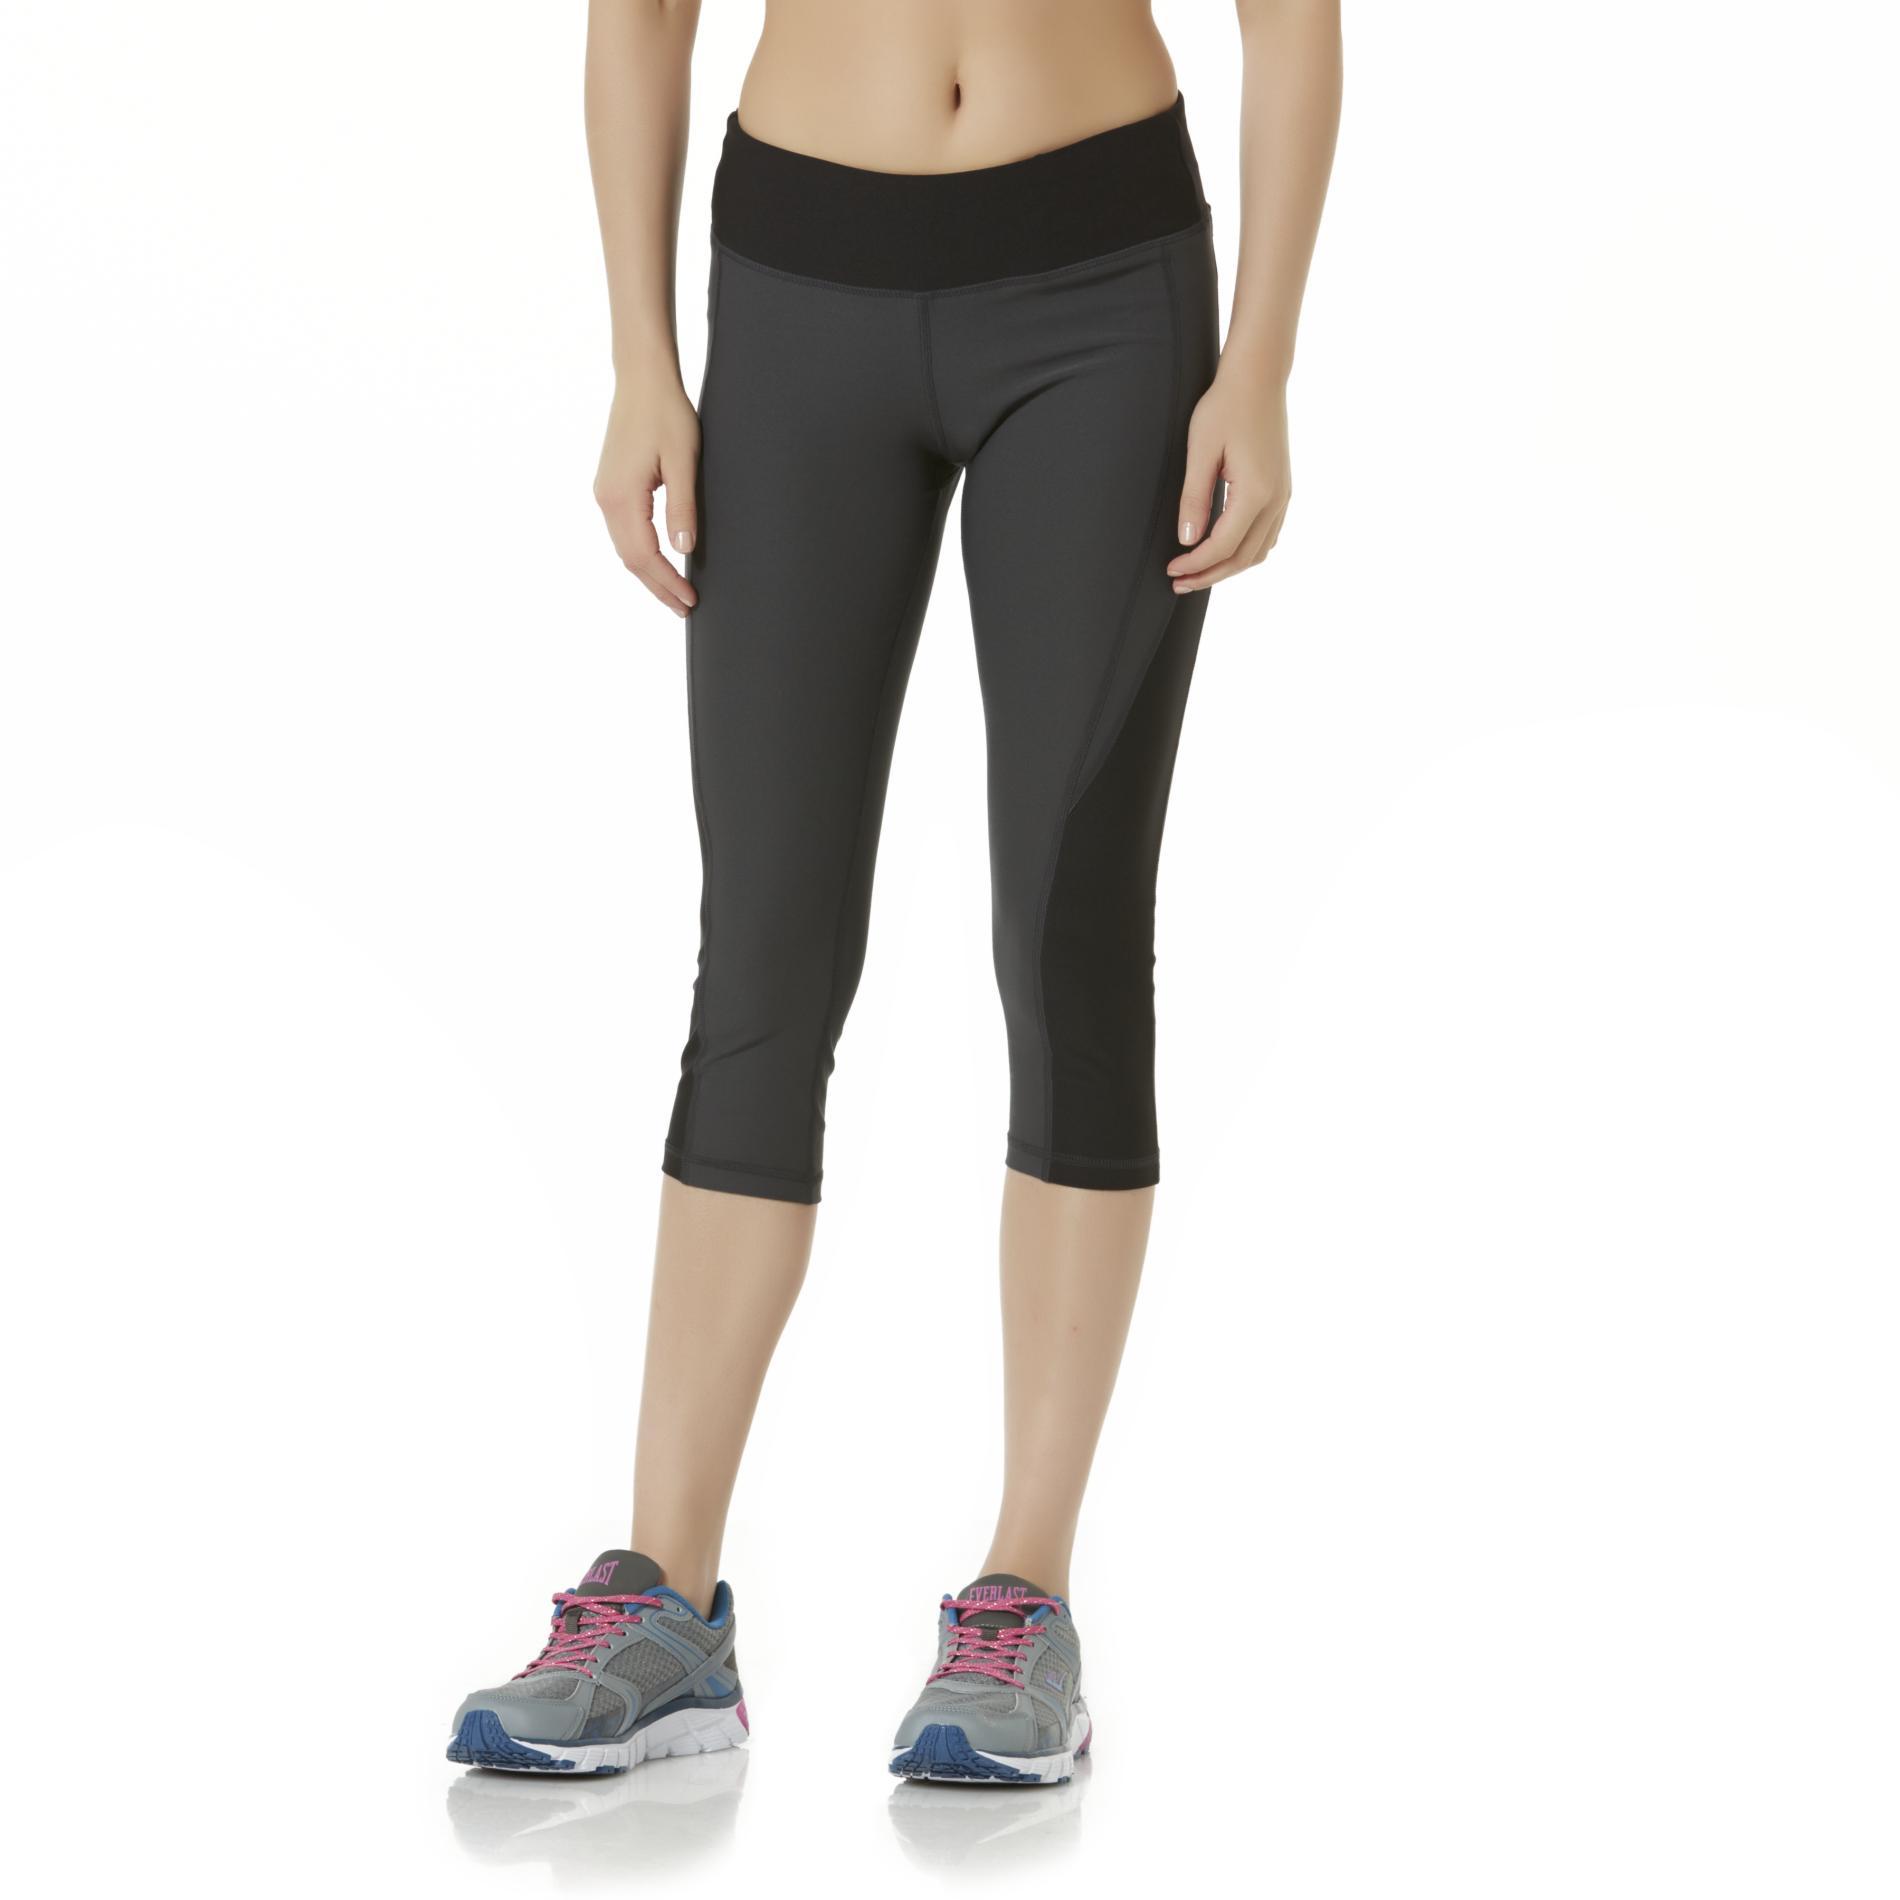 Women's Performance Capri Pants